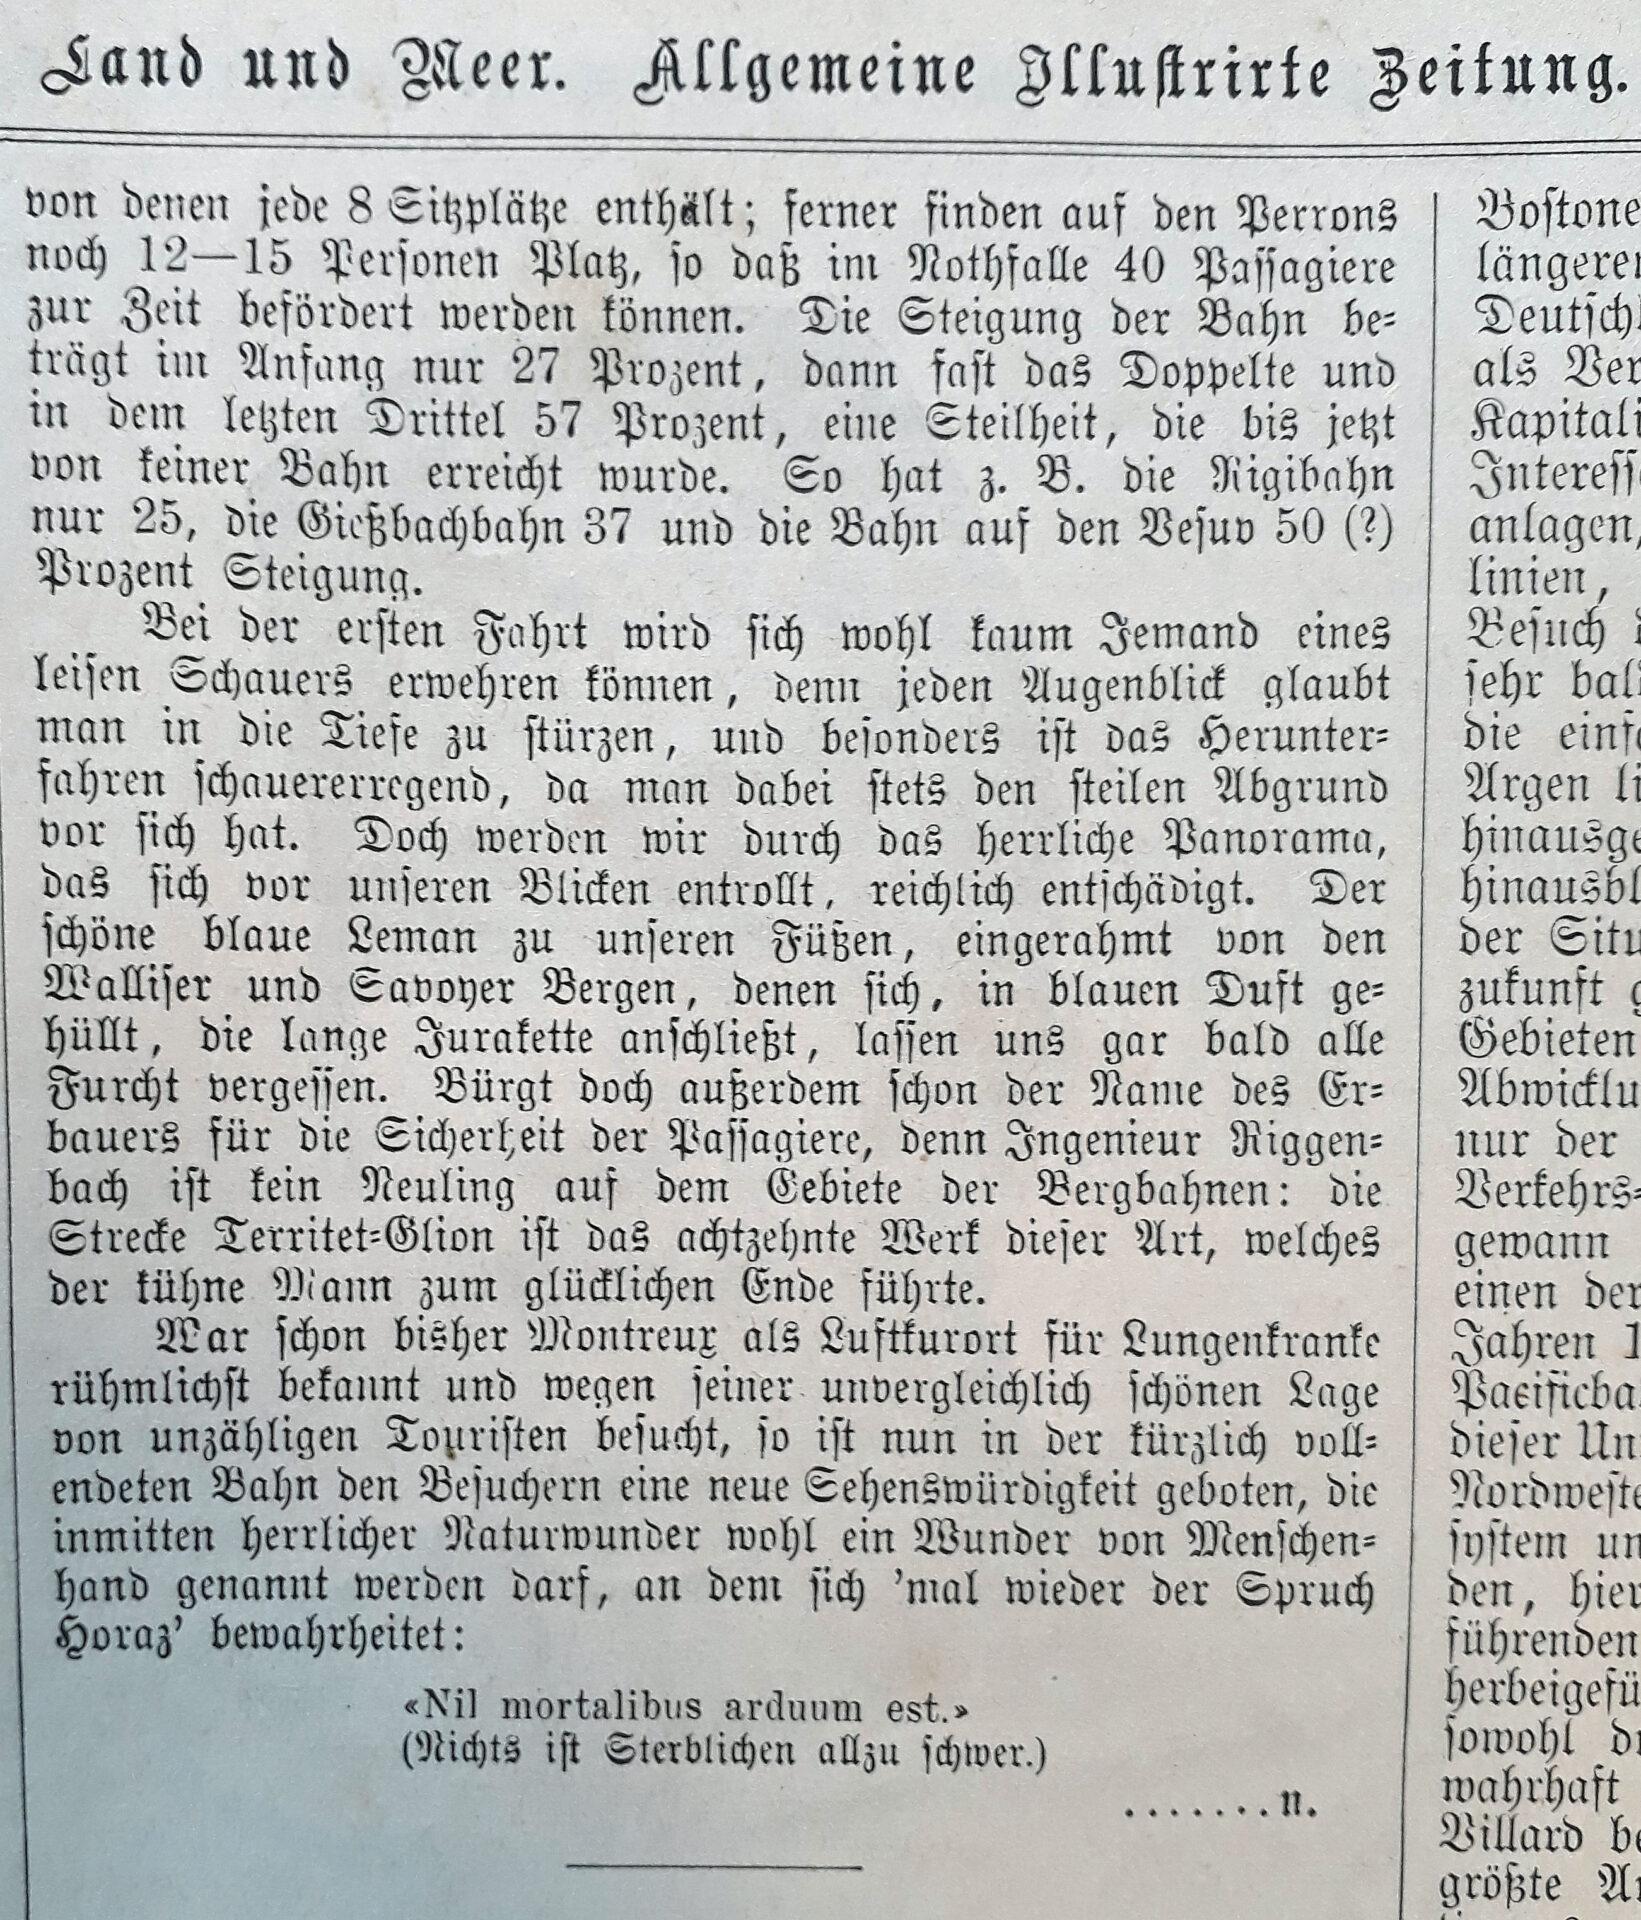 """2.Teil Artikel in der """"Allgemeine Illustrierte Zeitung» 1883/1884 über """"Die steilste Bahn der Erde"""""""